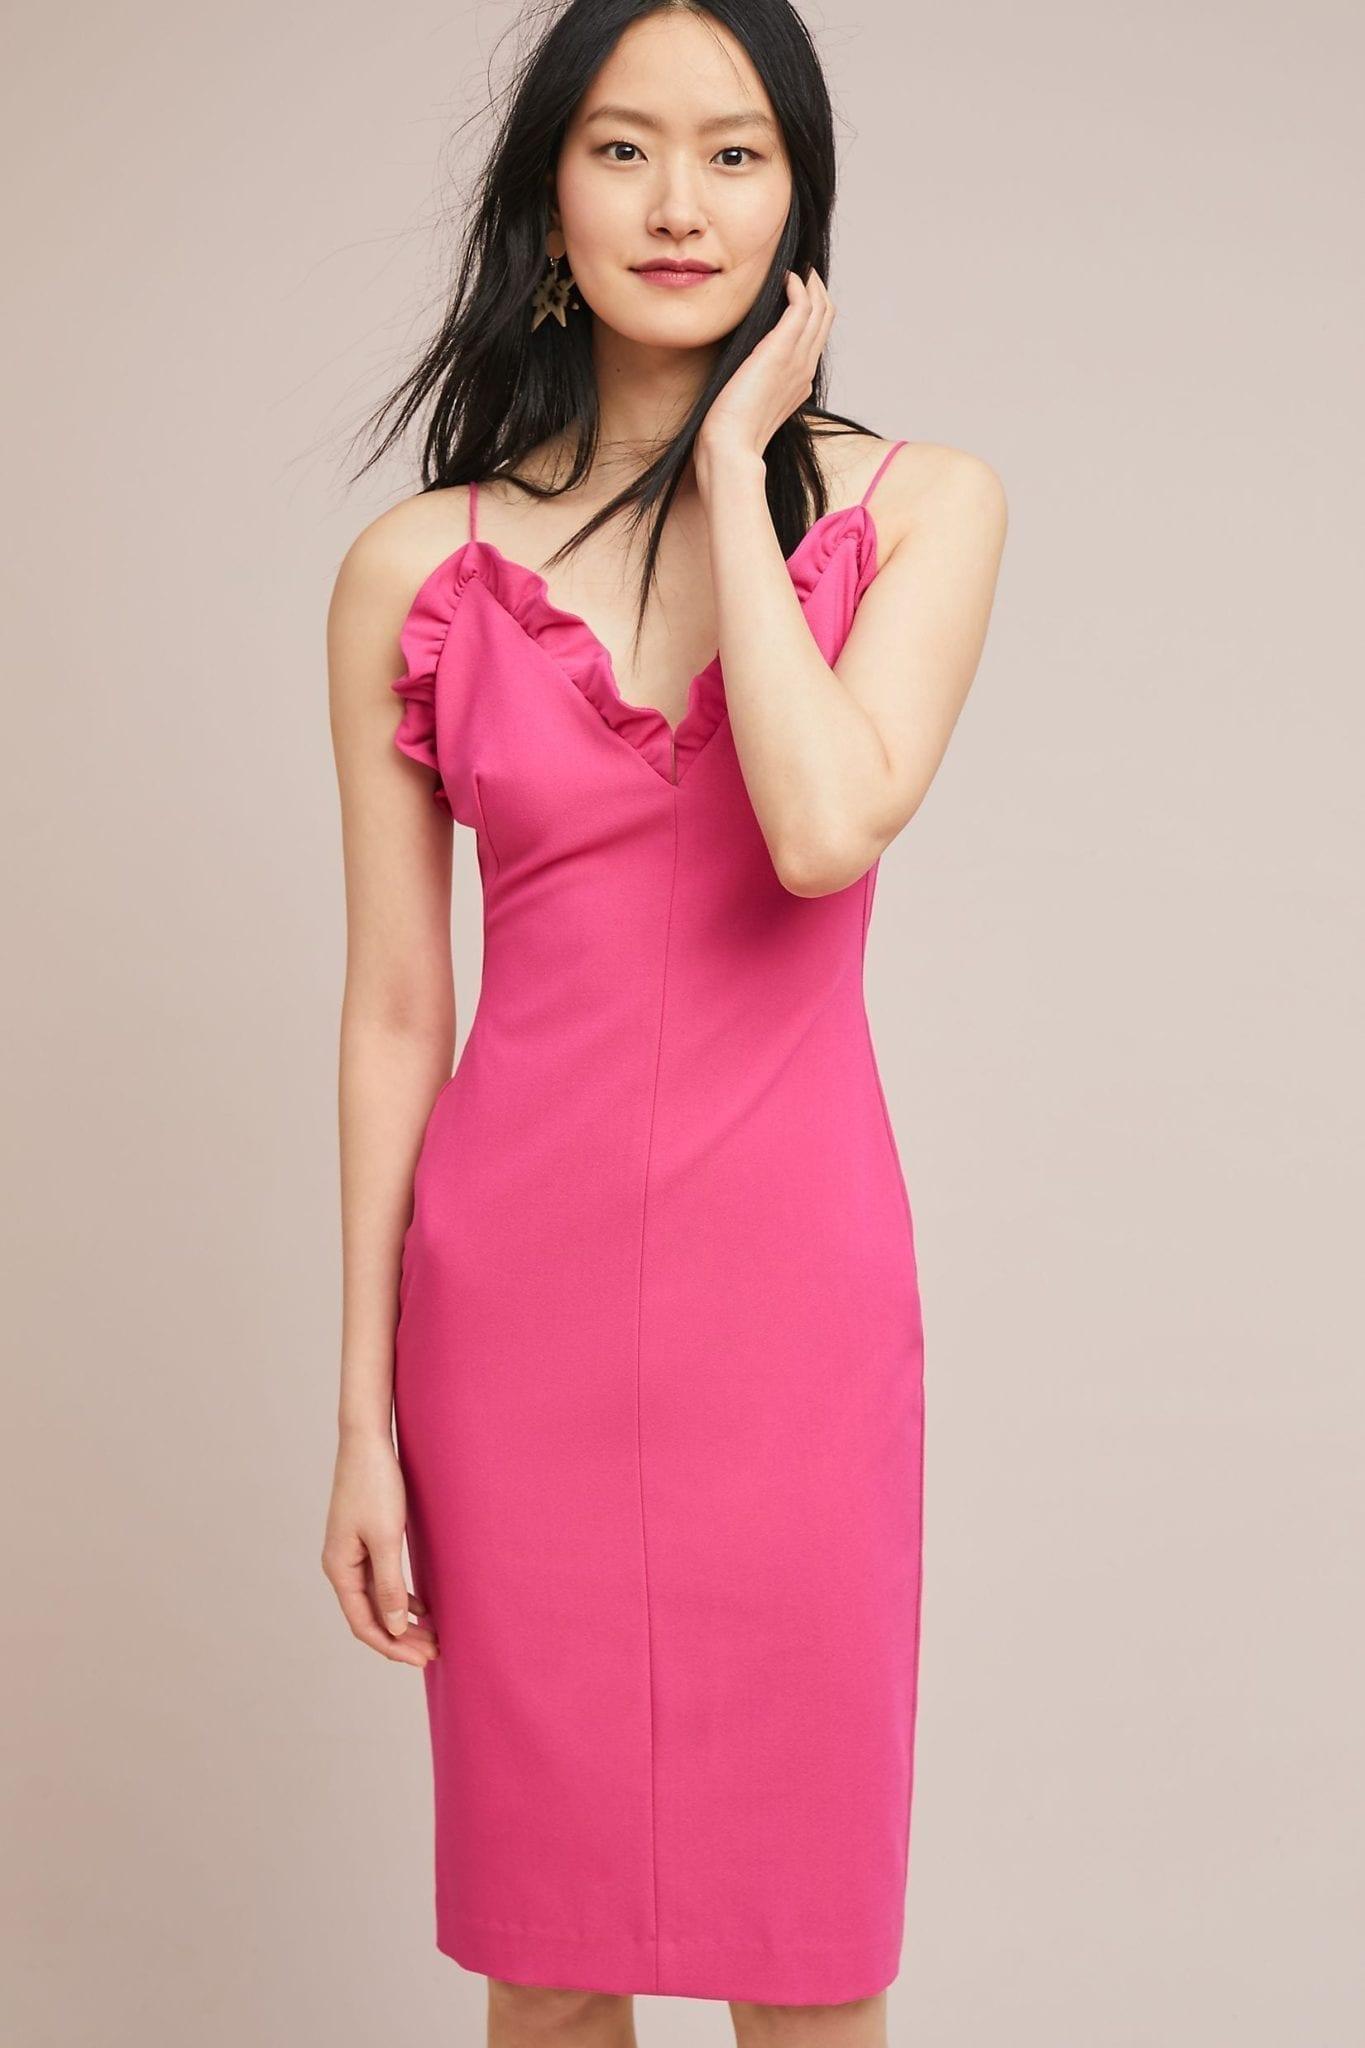 BLACK HALO Juliette Sheath Pink Dress